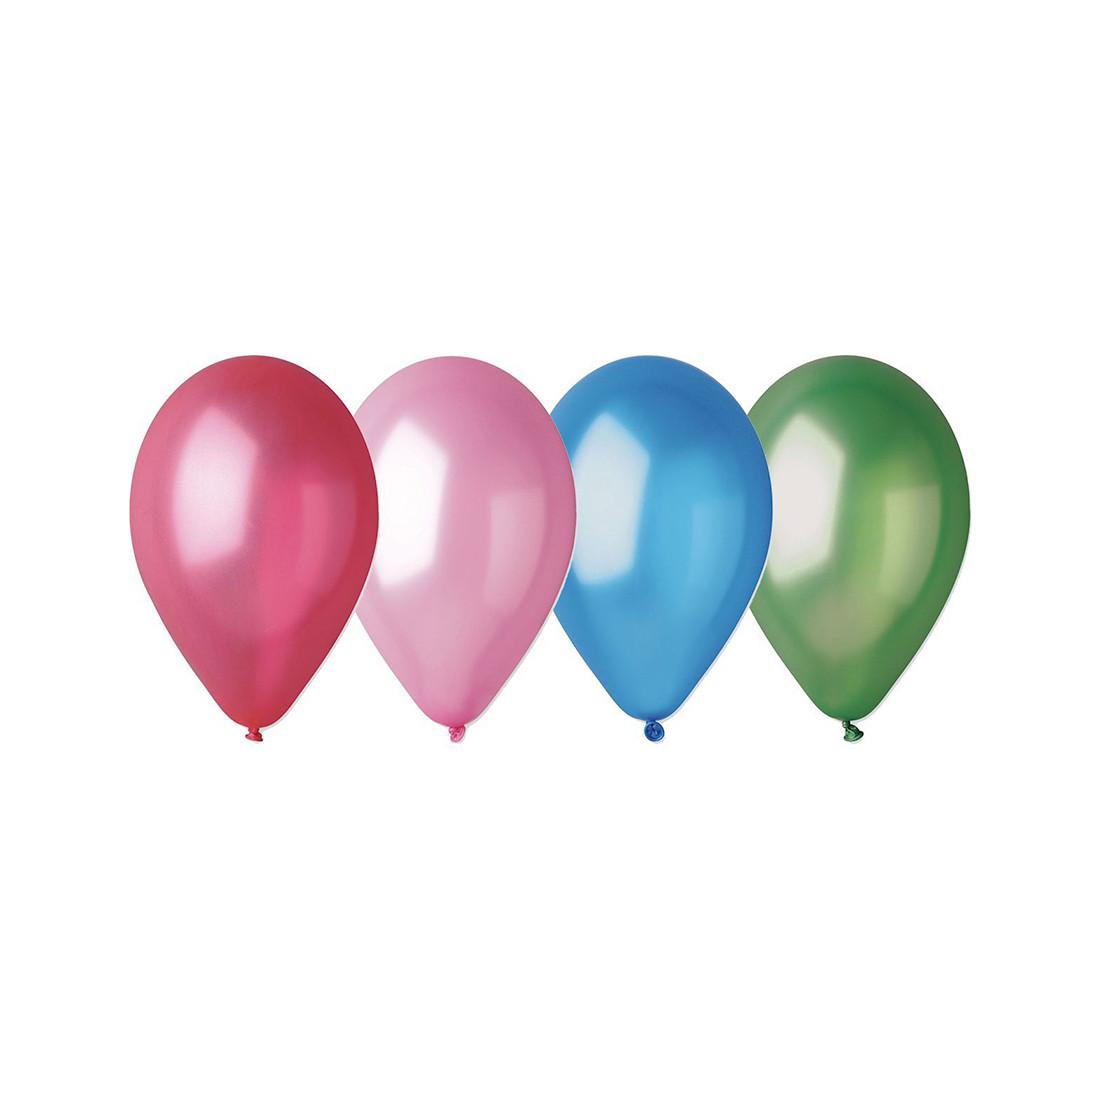 Воздушные шарики 1111-0106 (10 шт. в пакете) - фото 1